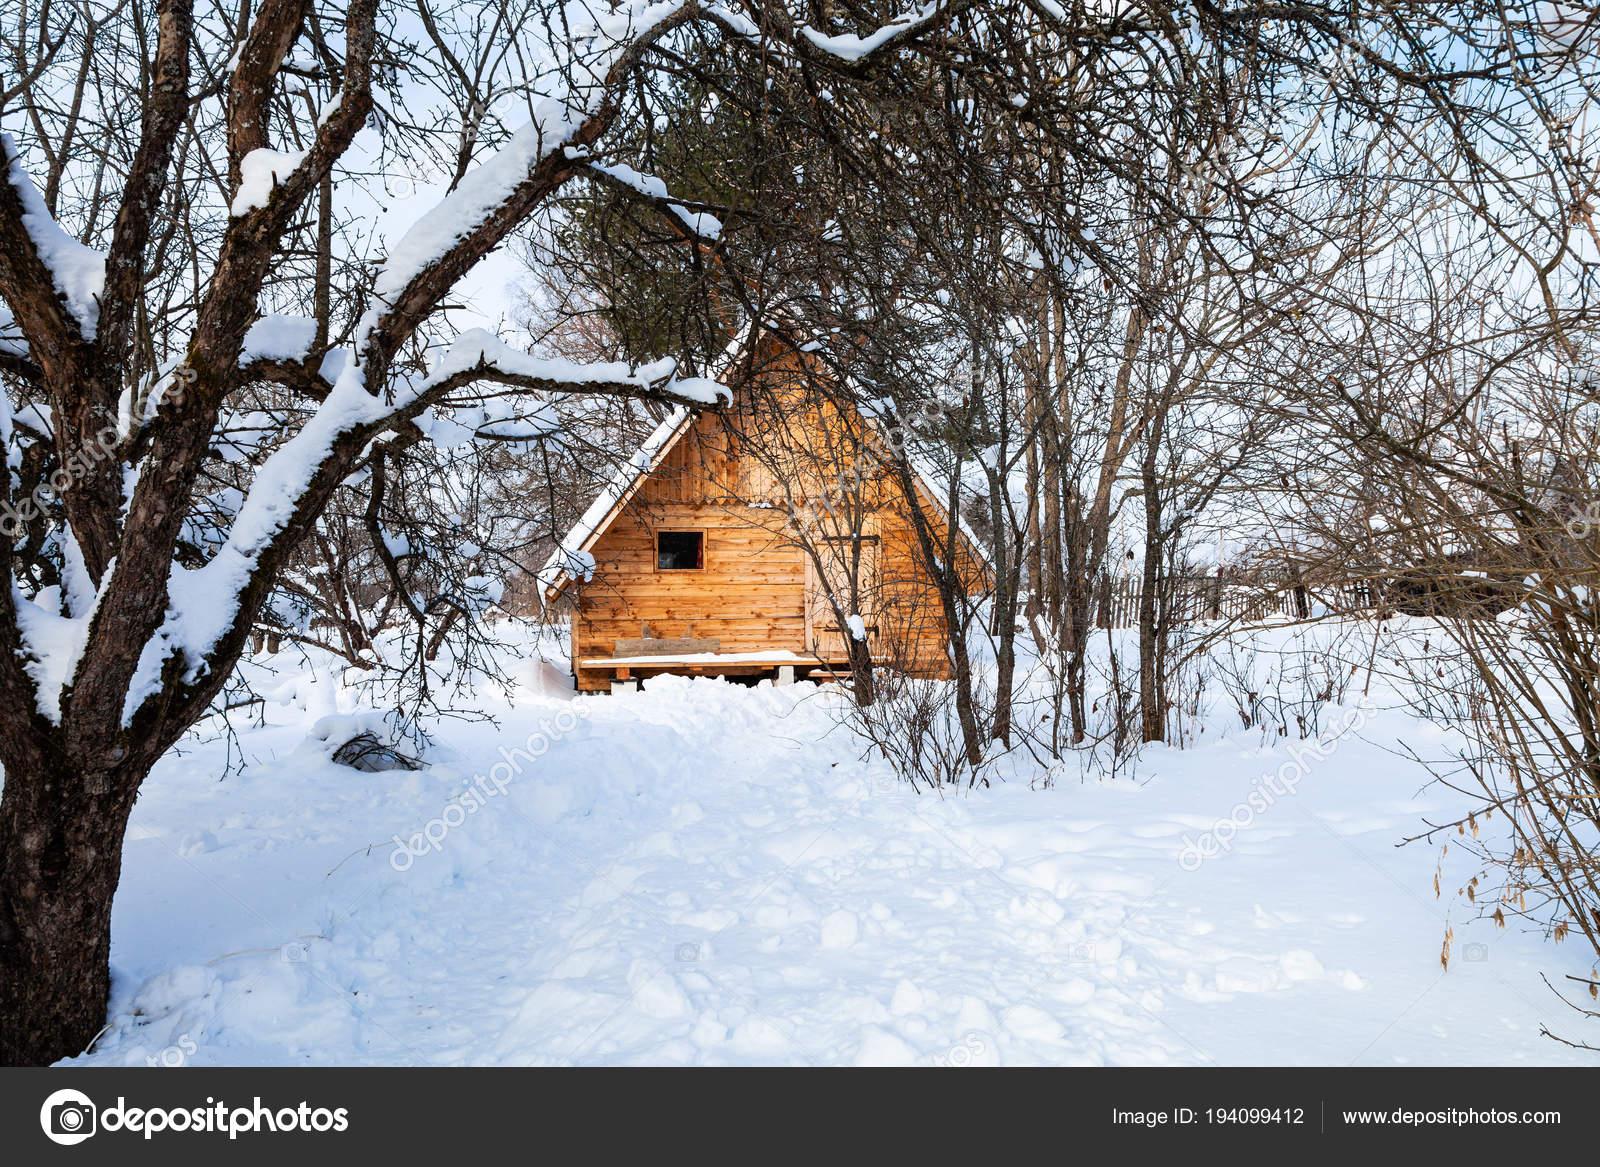 Holz Hauschen Im Verschneiten Garten Stockfoto C Vvoennyy 194099412